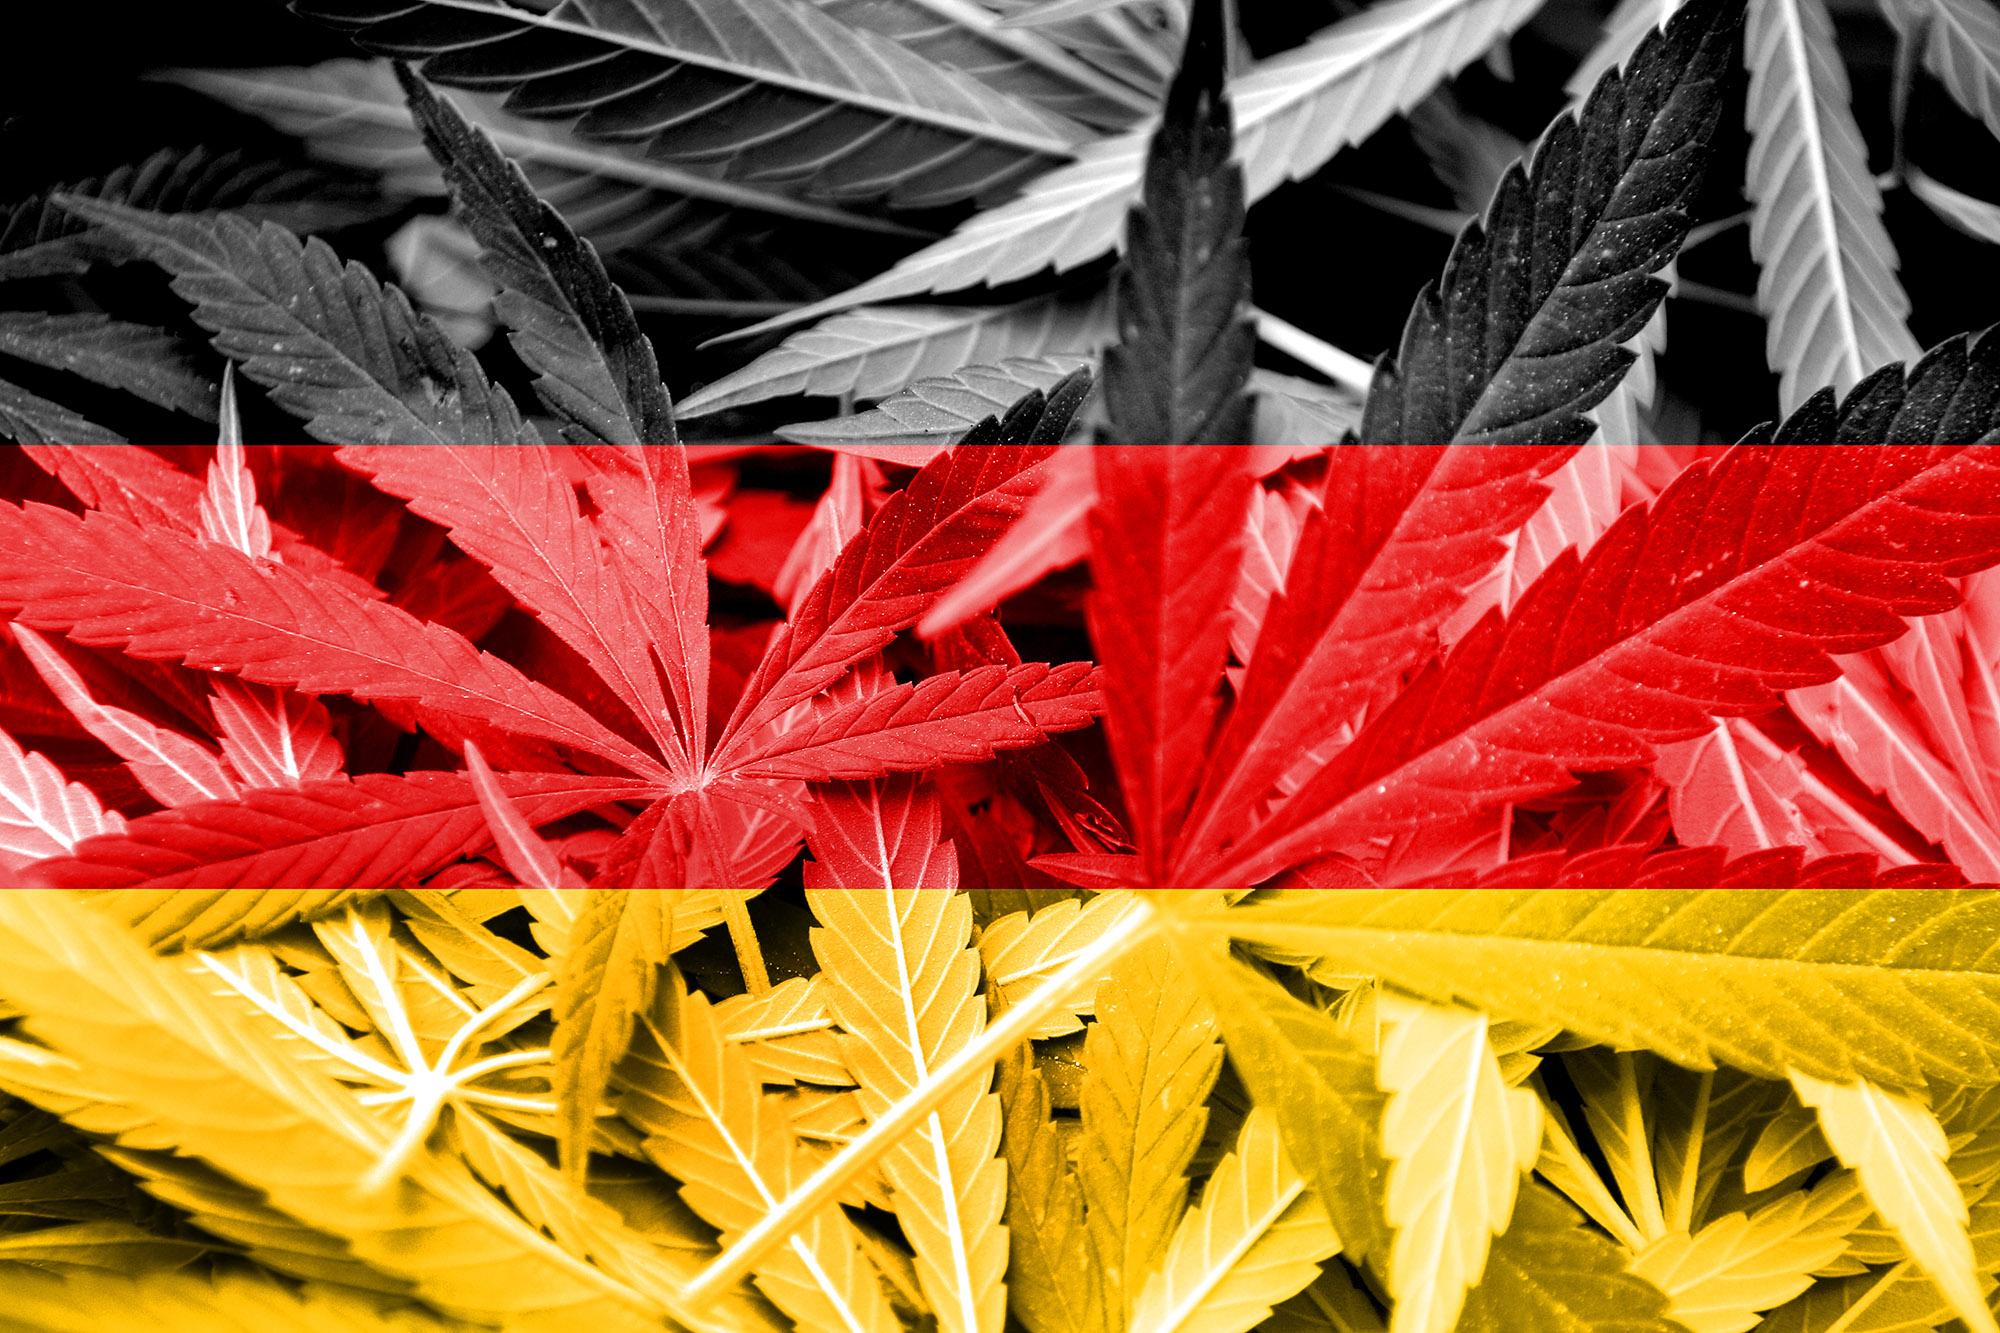 Германия начала продажу государственного медицинского каннабиса в аптеках